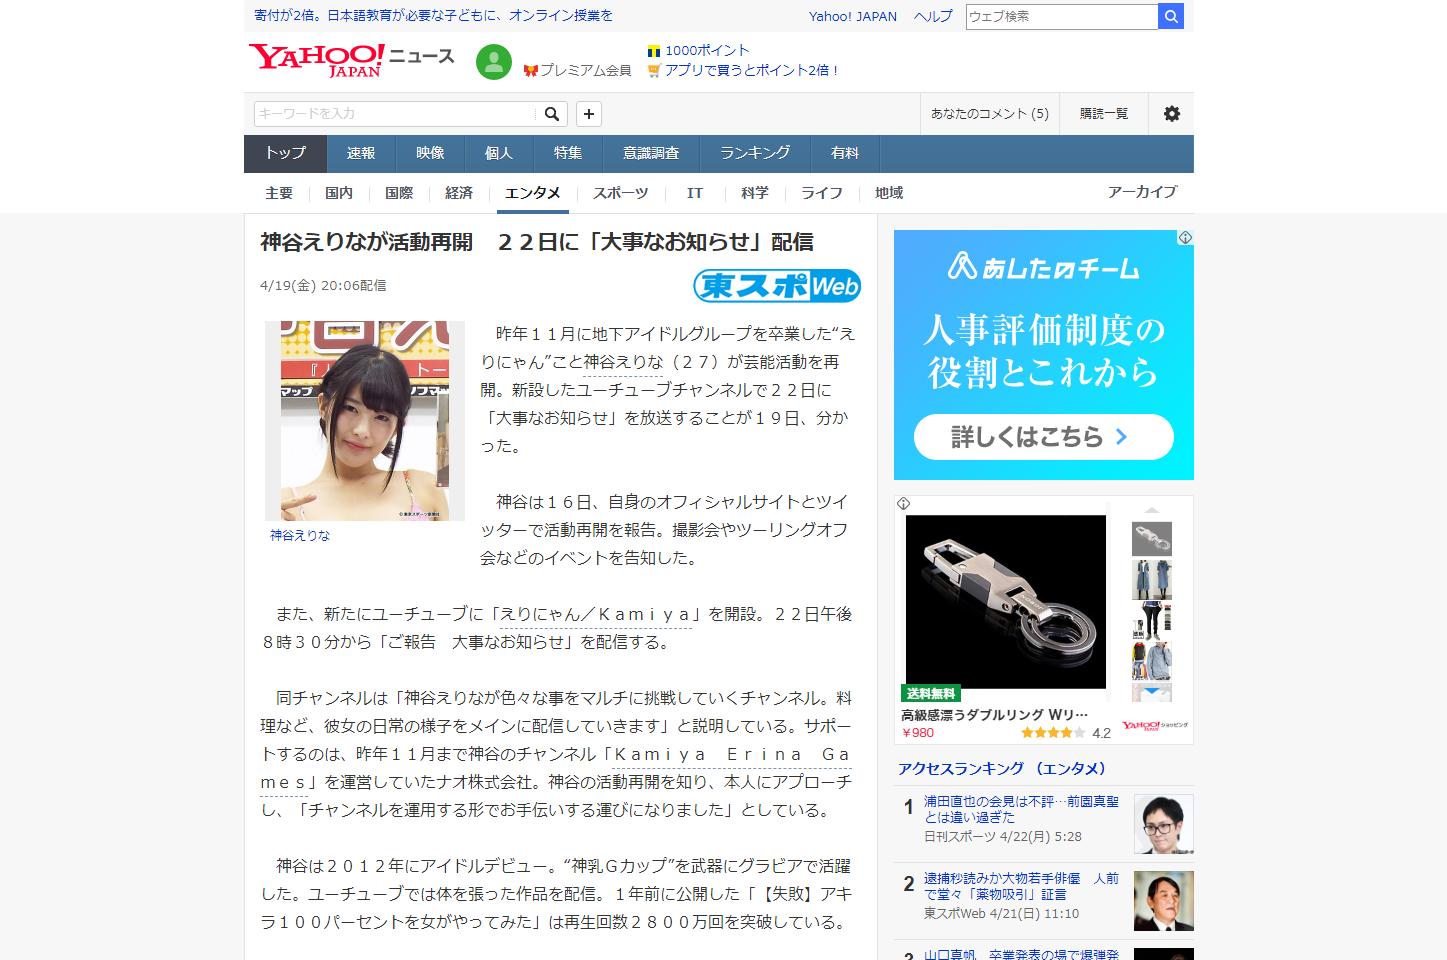 神谷えりなが活動再開 22日に「大事なお知らせ」配信 - Yahoo!ニュース